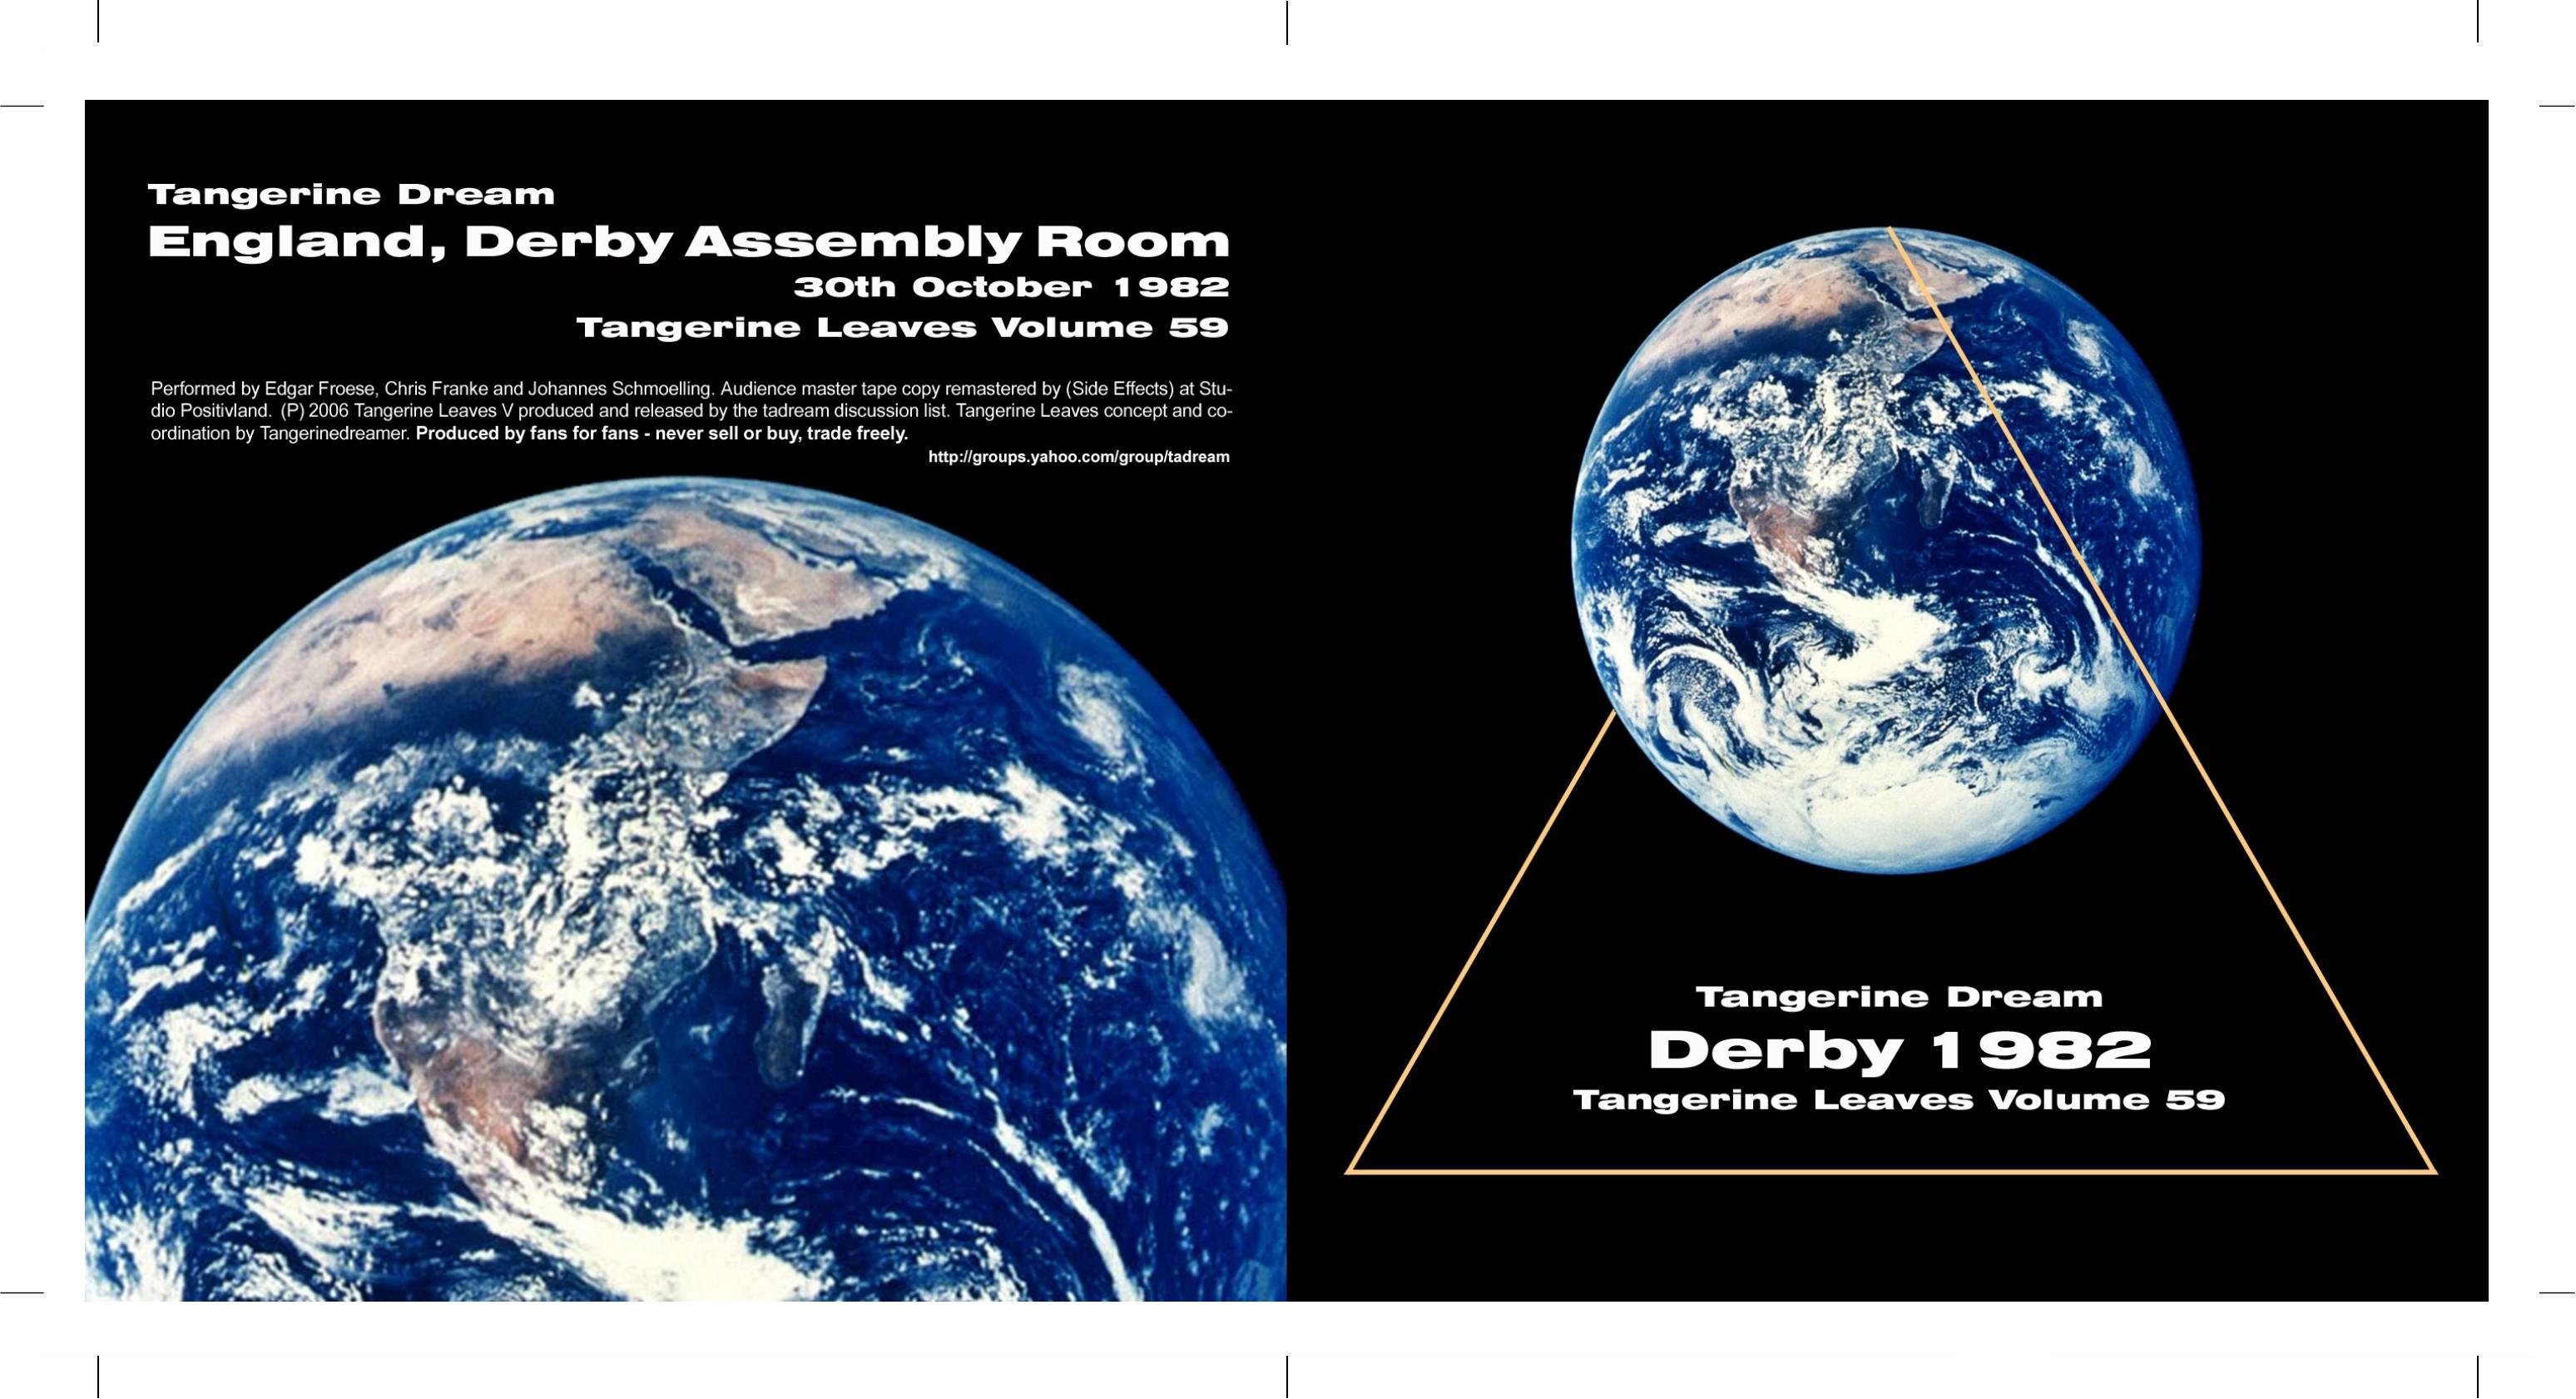 TangerineDream1982-10-30AssemblyRoomDerbyUK.jpg